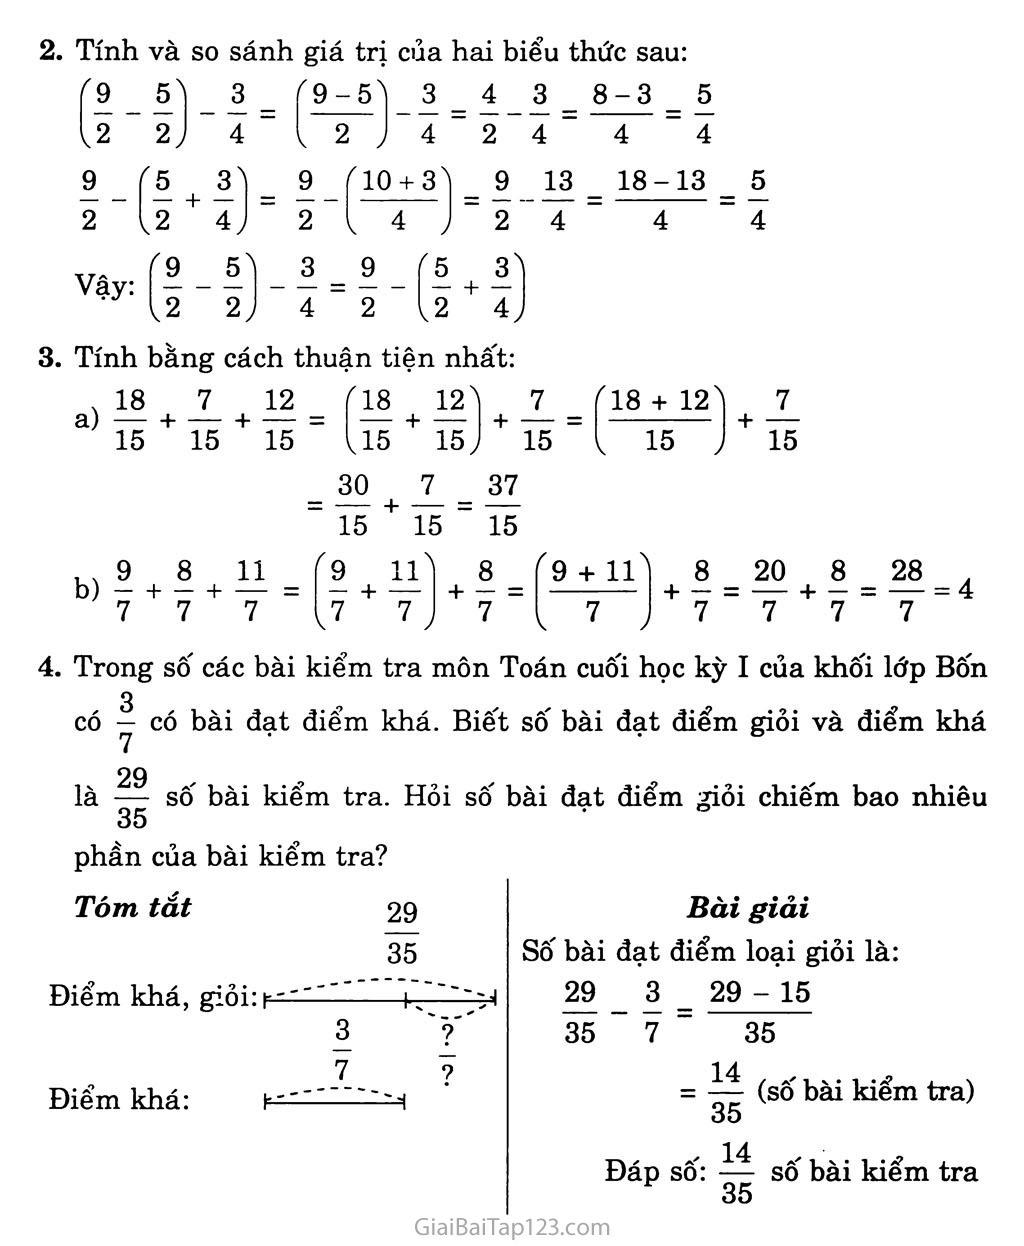 Bài 121: Luyện tập chung trang 2